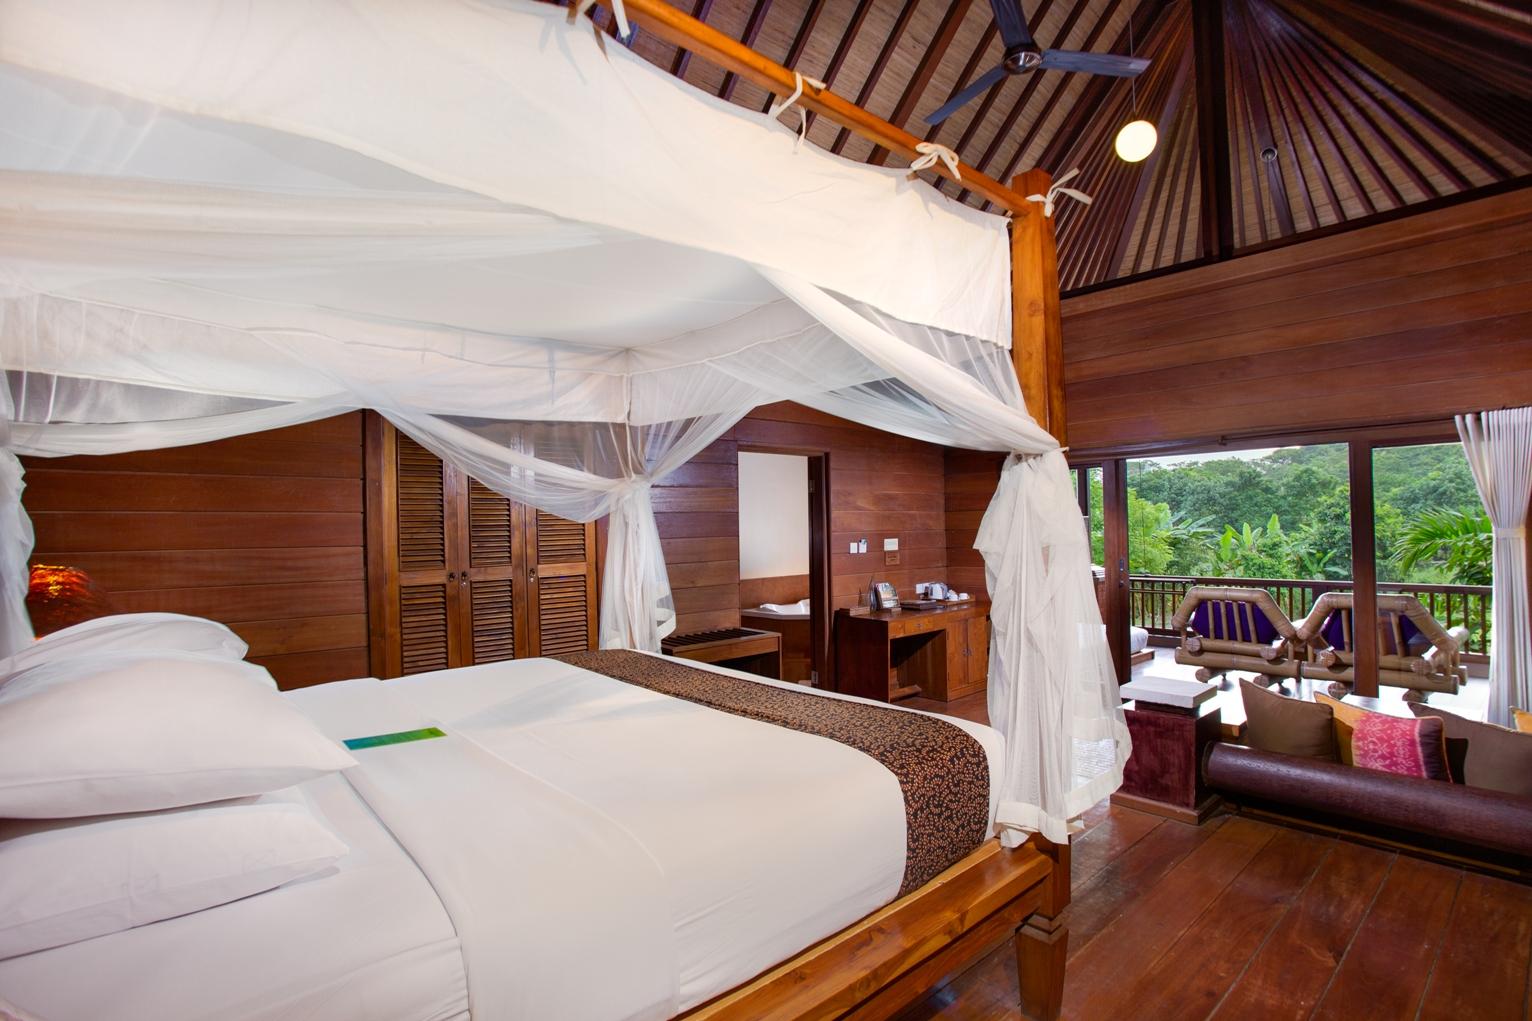 Bedroom - Super deluxe wooden